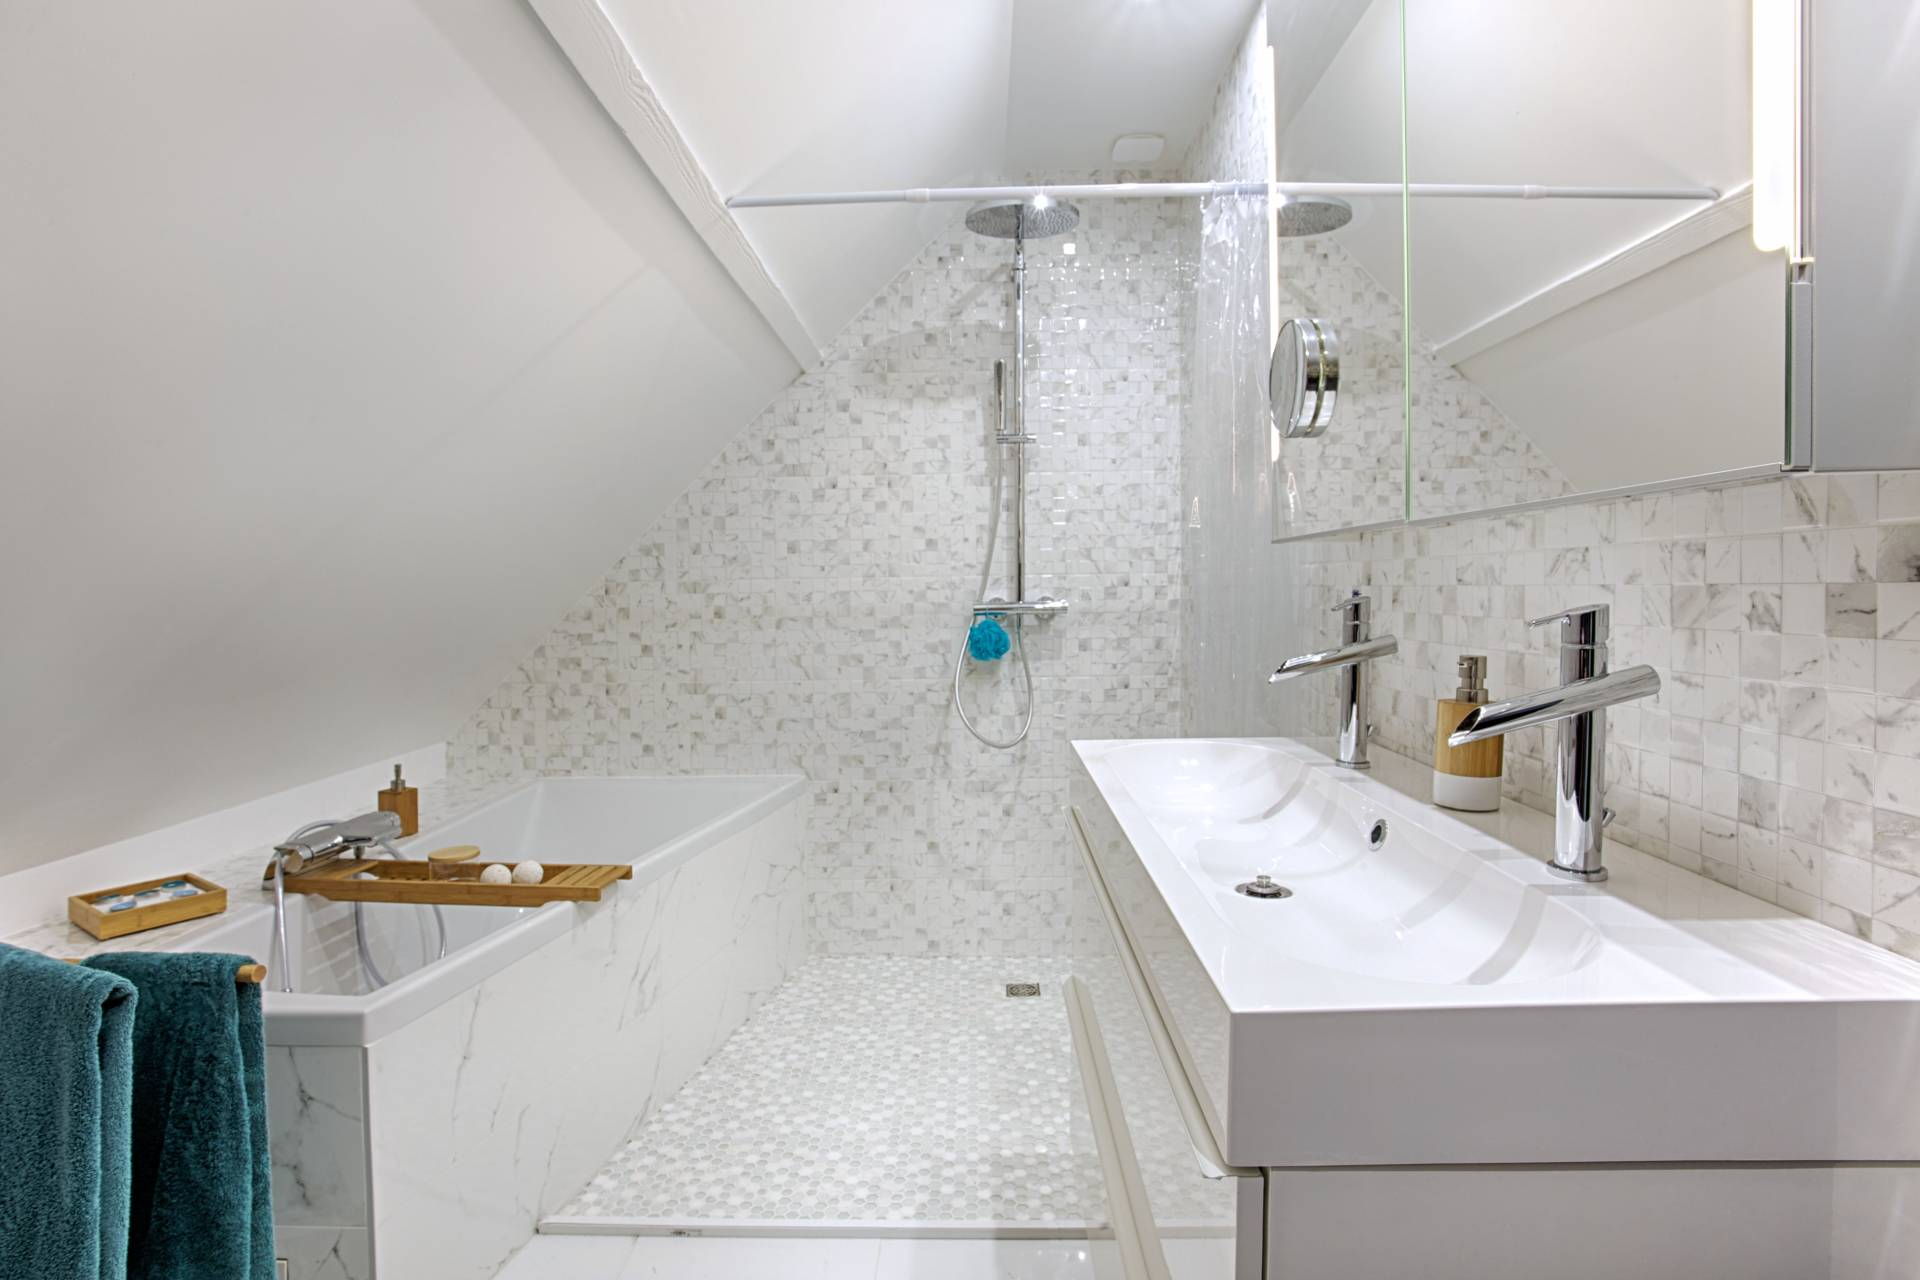 Baignoire Sous Les Combles tous les projets avec baignoire | bh déco, décoratrice ufdi